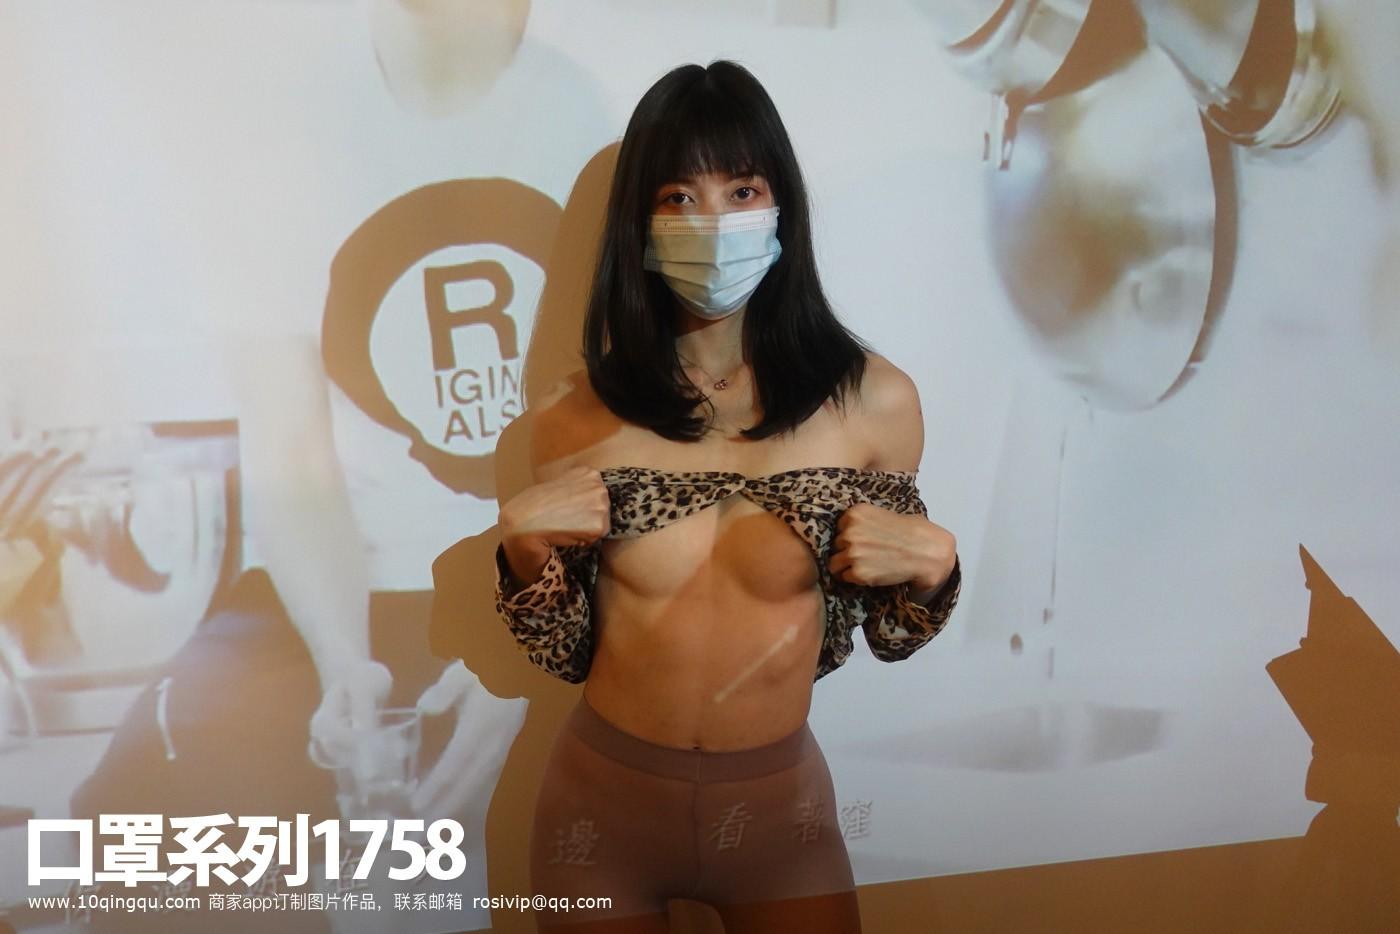 口罩系列1758套装 衣服+丝袜